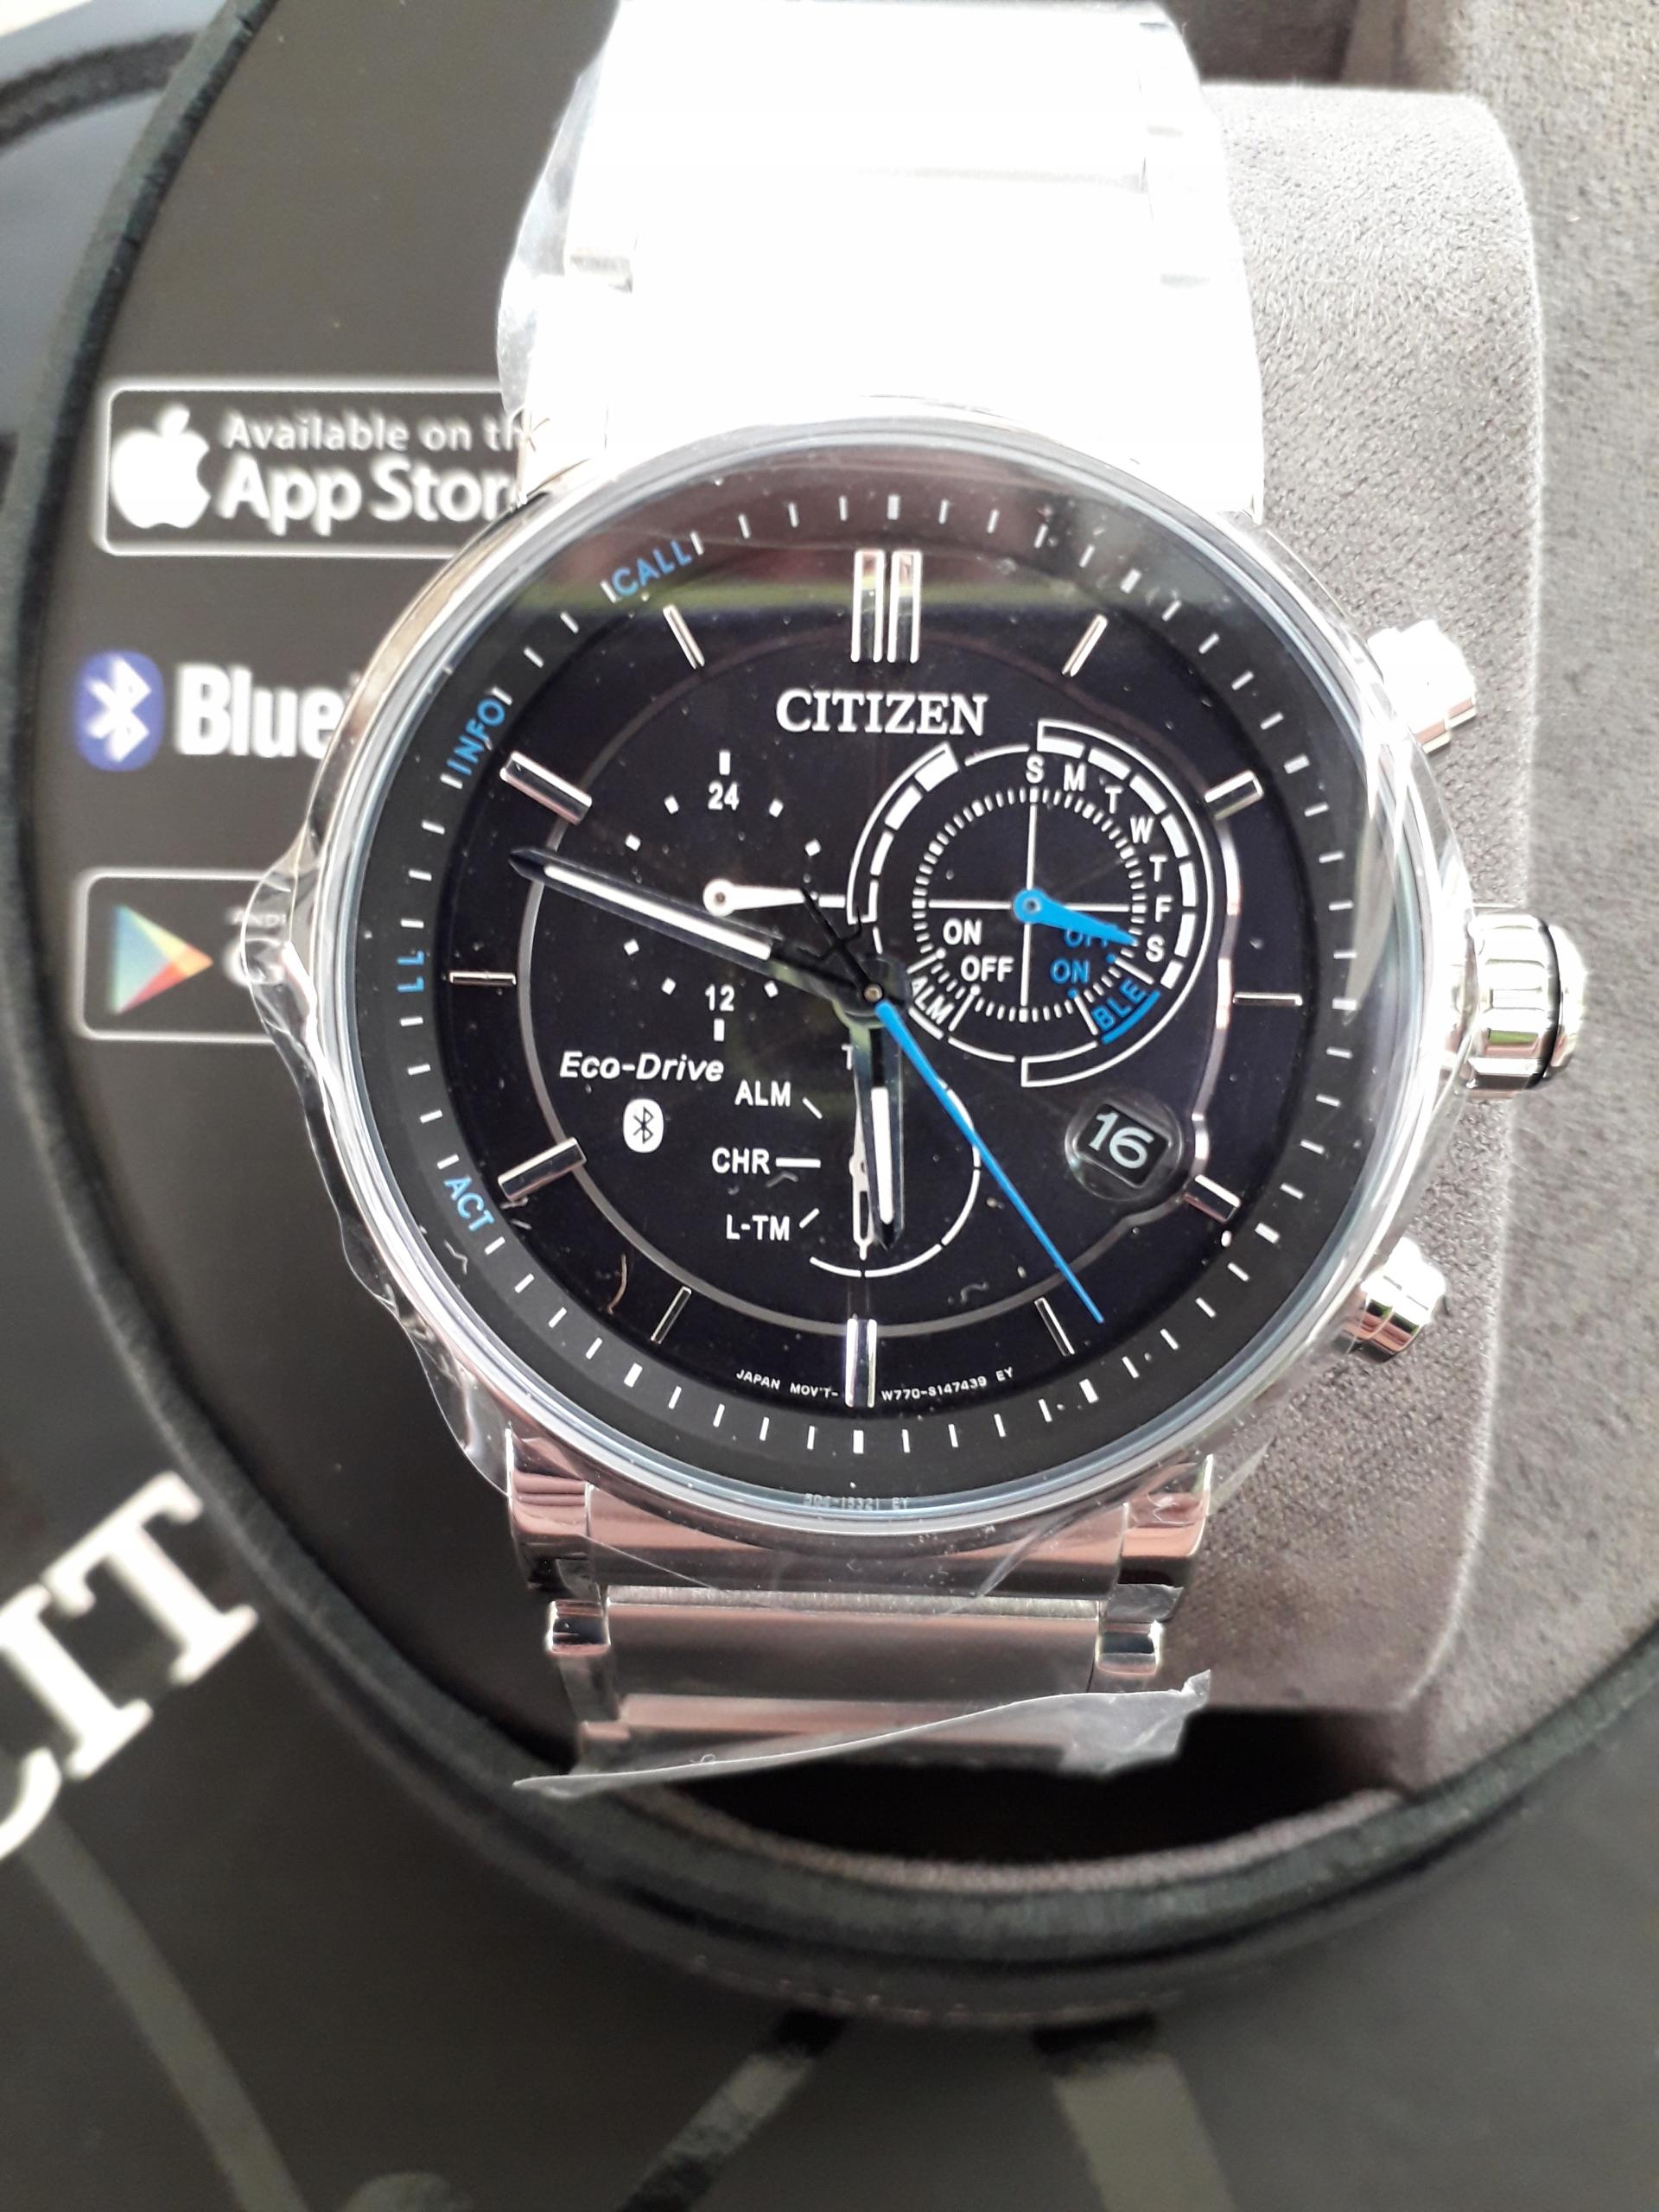 NEW Zegarek CITIZEN Smartwach BZ1000-54E Bluetooth